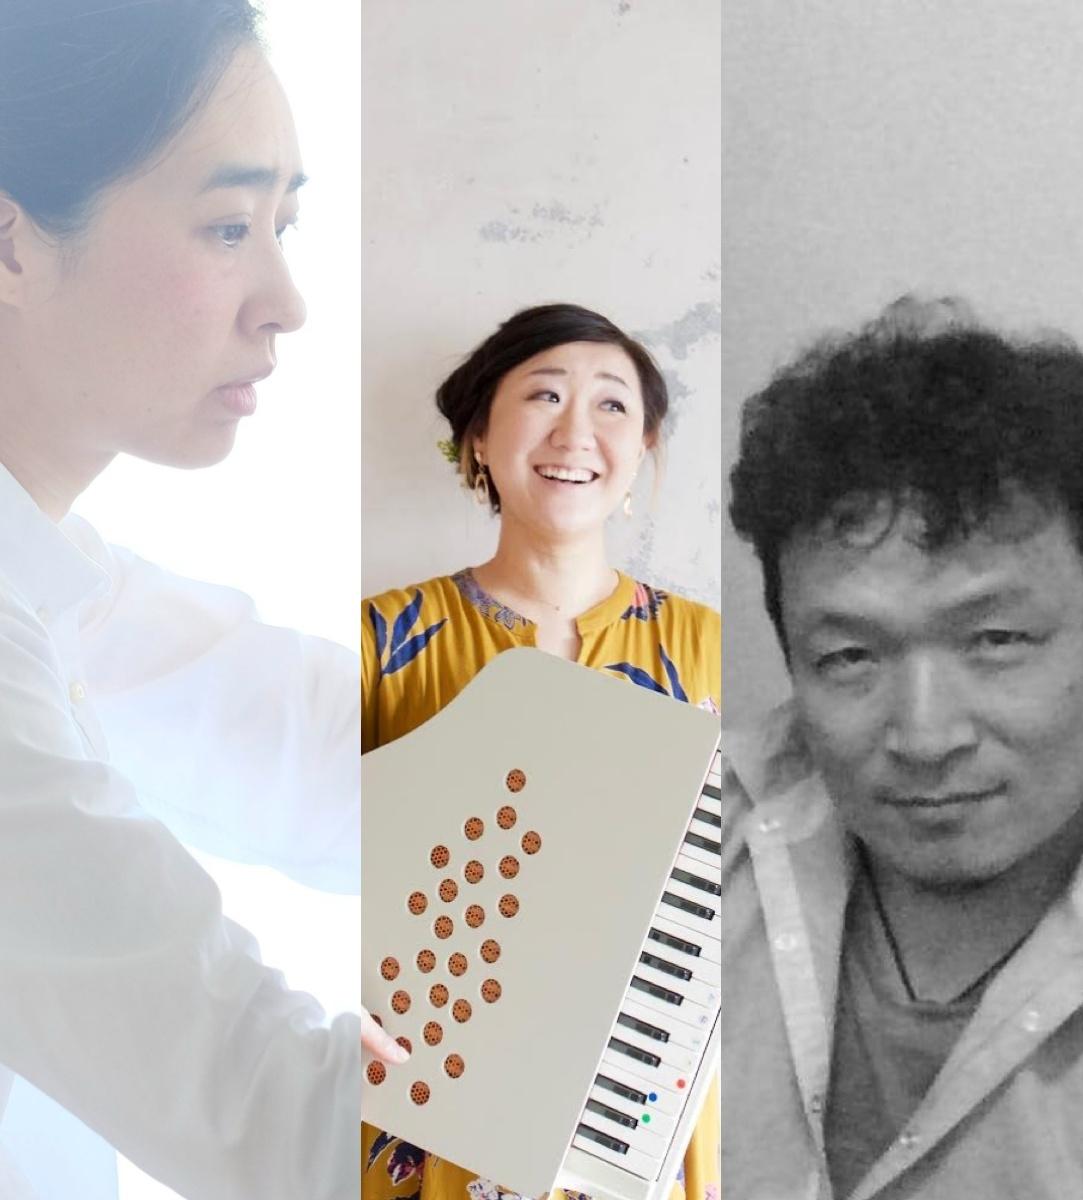 [無観客配信]『いつかとけるのが魔法なら』出演:島崎智子 / 藤野恵美 / The Rising